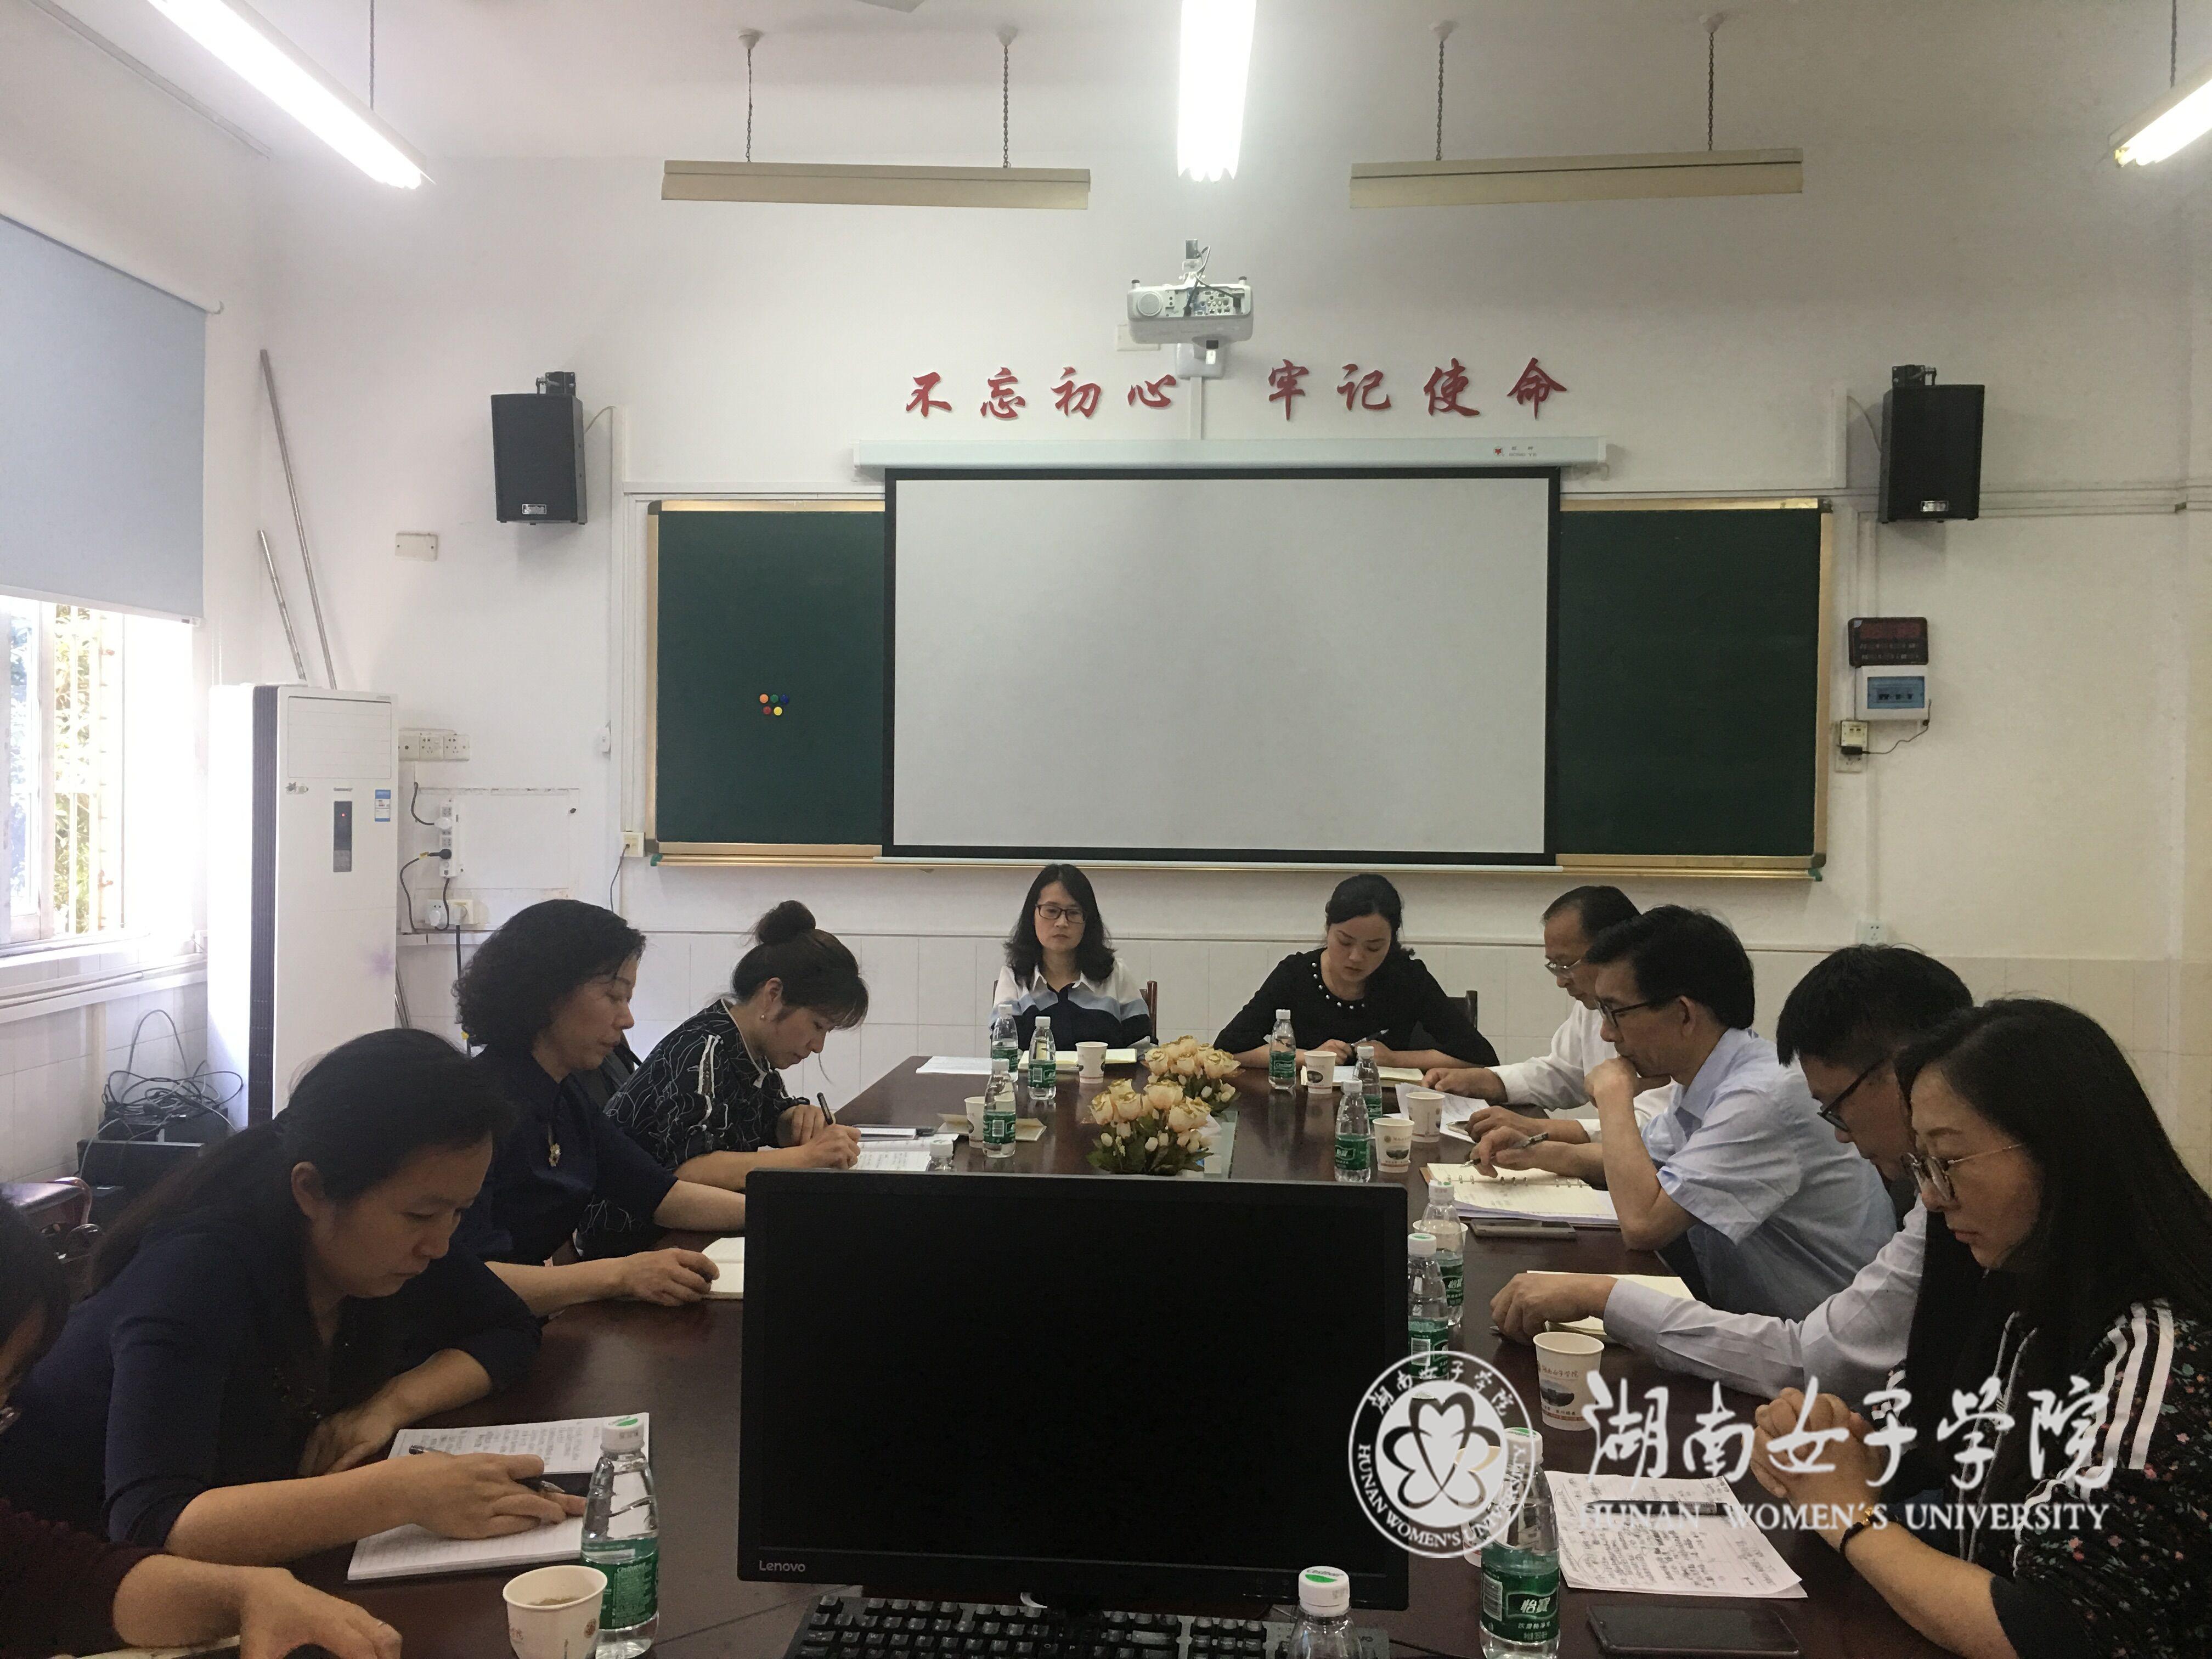 杨兰英校长走访调研社会发展与管理学院